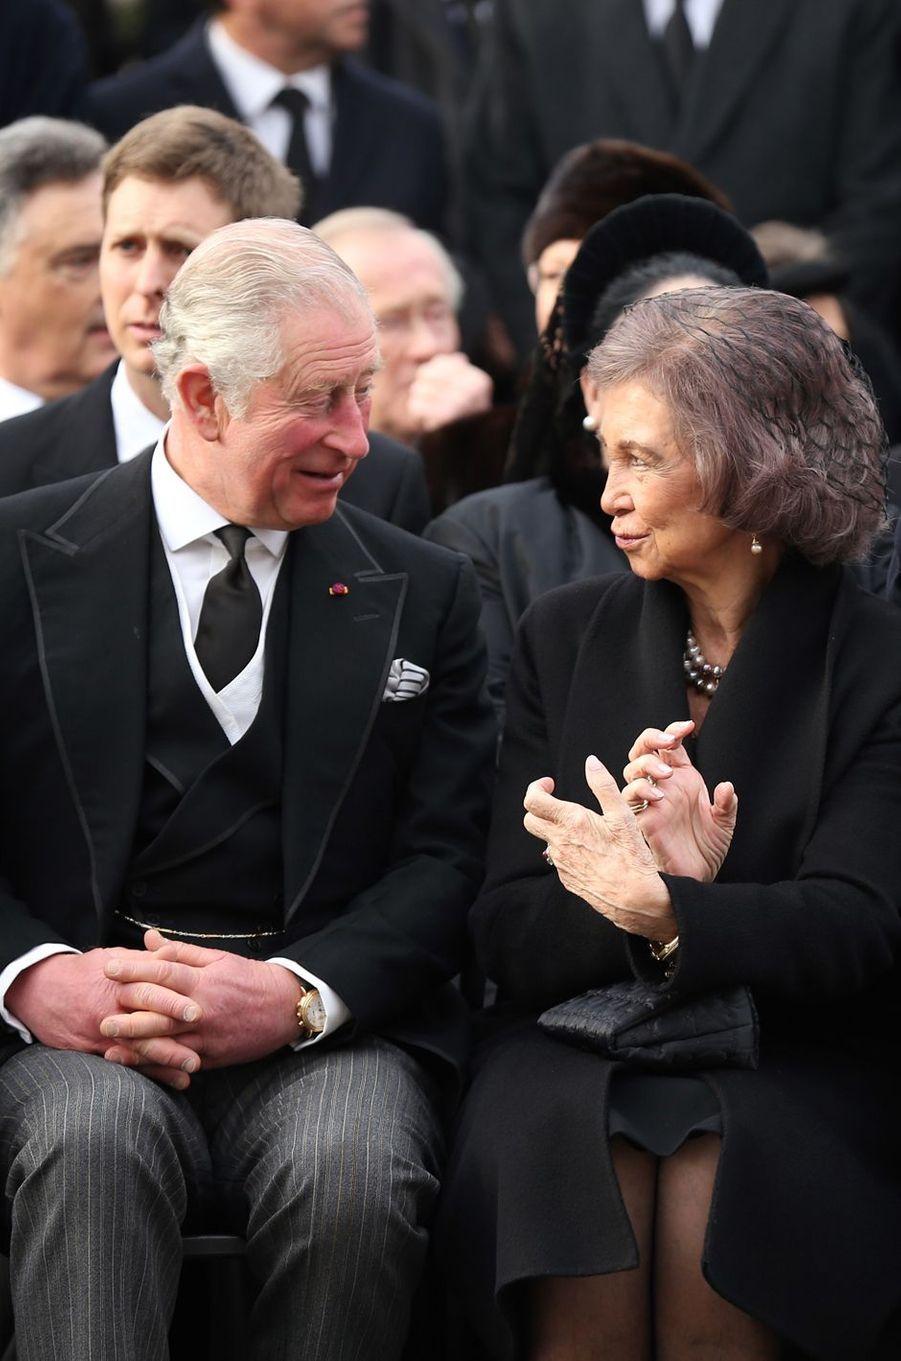 Le prince Charles d'Angleterre et l'ex-reine Sofia d'Espagne aux obsèques de l'ex-roi Michel de Roumanie à Bucarest, le 16 décembre 2017